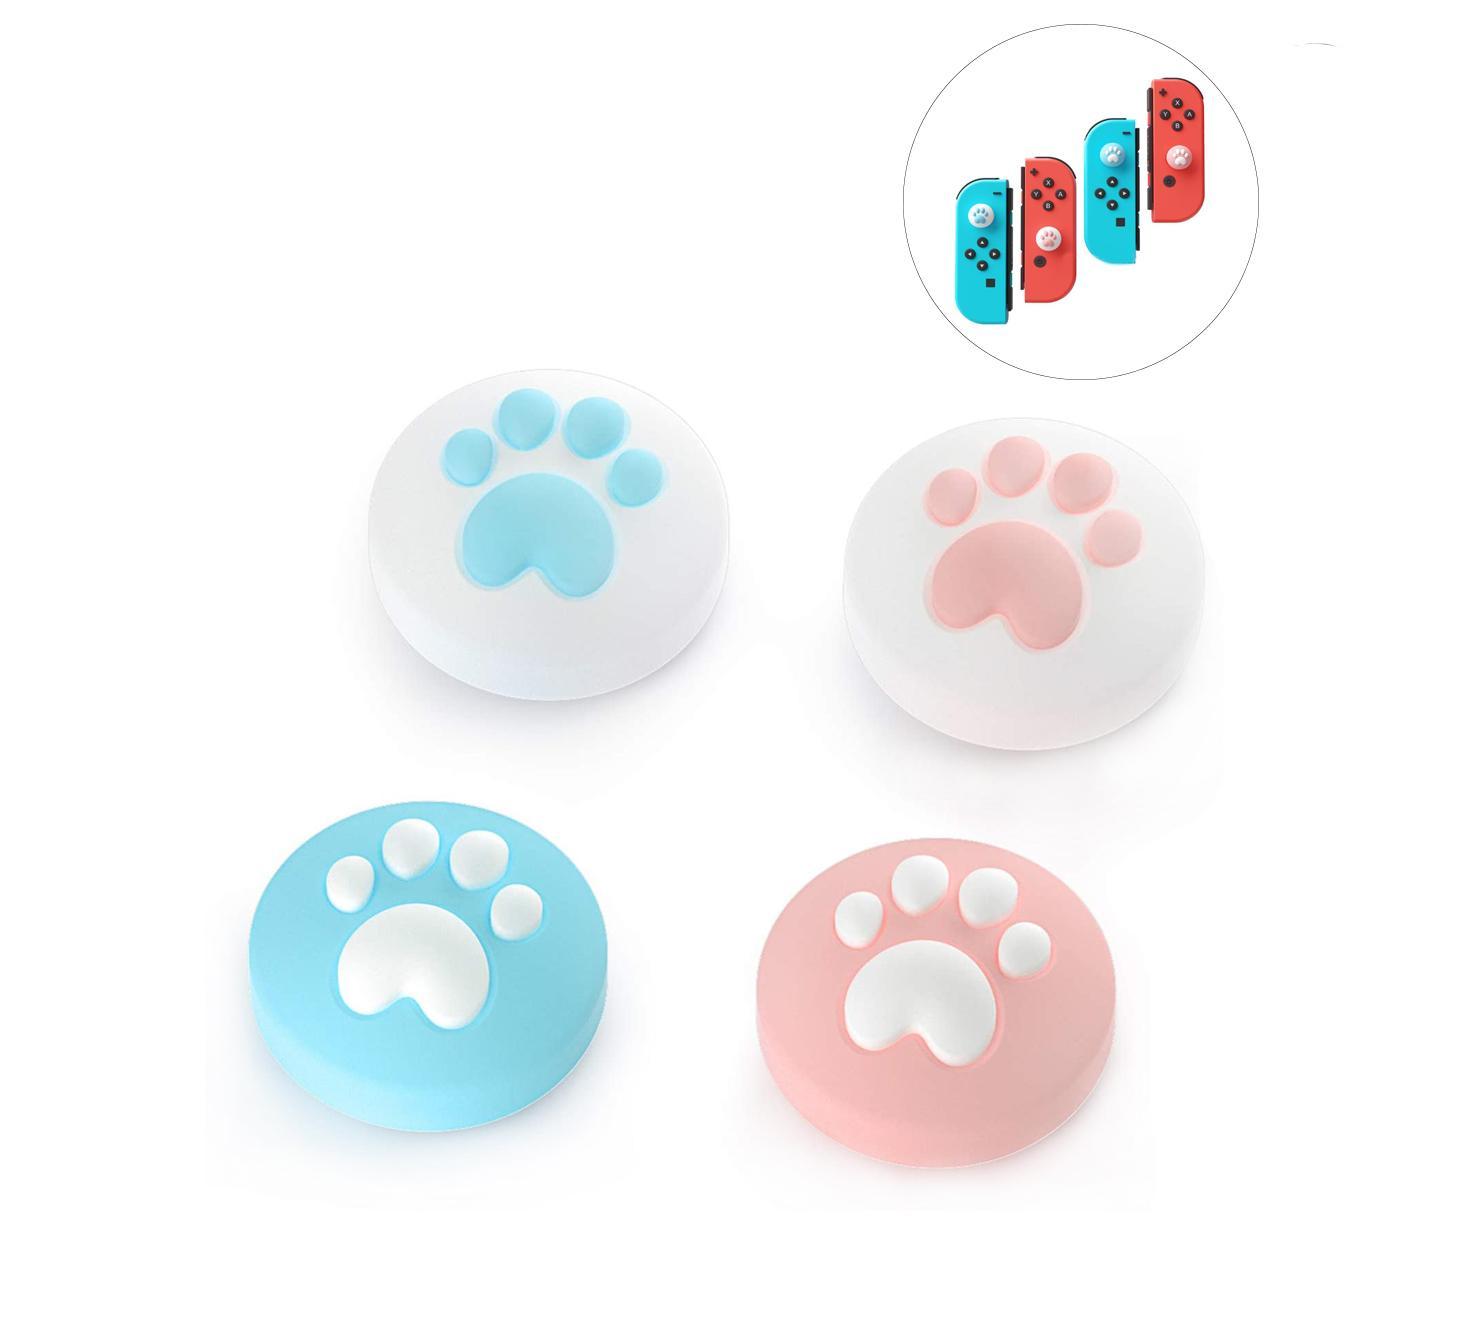 Uña de gato Diseño Caps pulgar agarre, la palanca de mando del casquillo para el interruptor de Nintendo Lite, cubierta de silicona suave para Joy-Con Controlador (pinkblue)